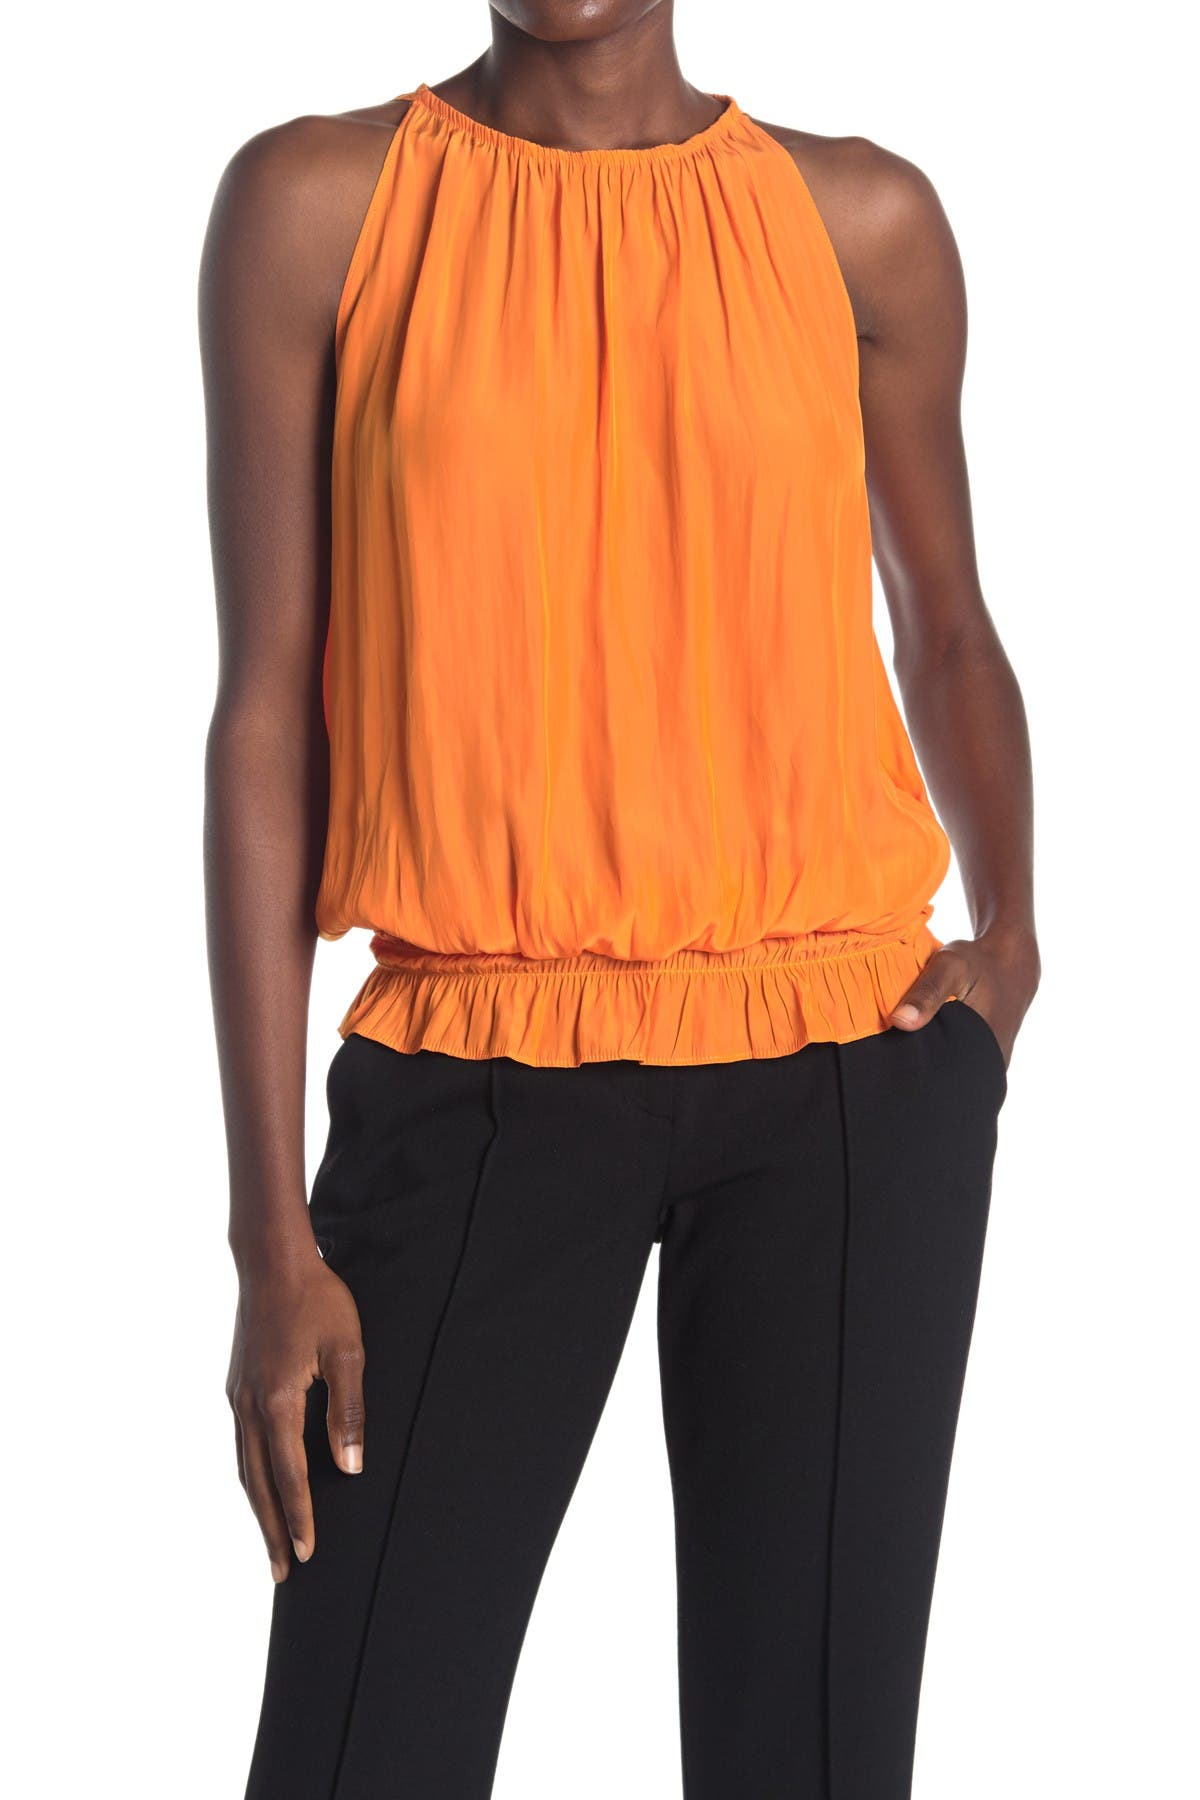 Ramy Brook Womens Sleevless Lauren Top with Elastic Waist